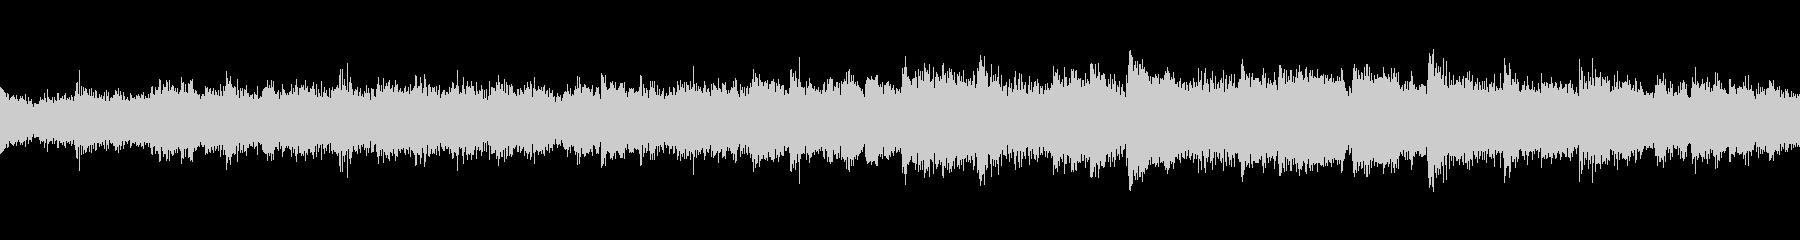 スピリチュアル系 ループBGMの未再生の波形